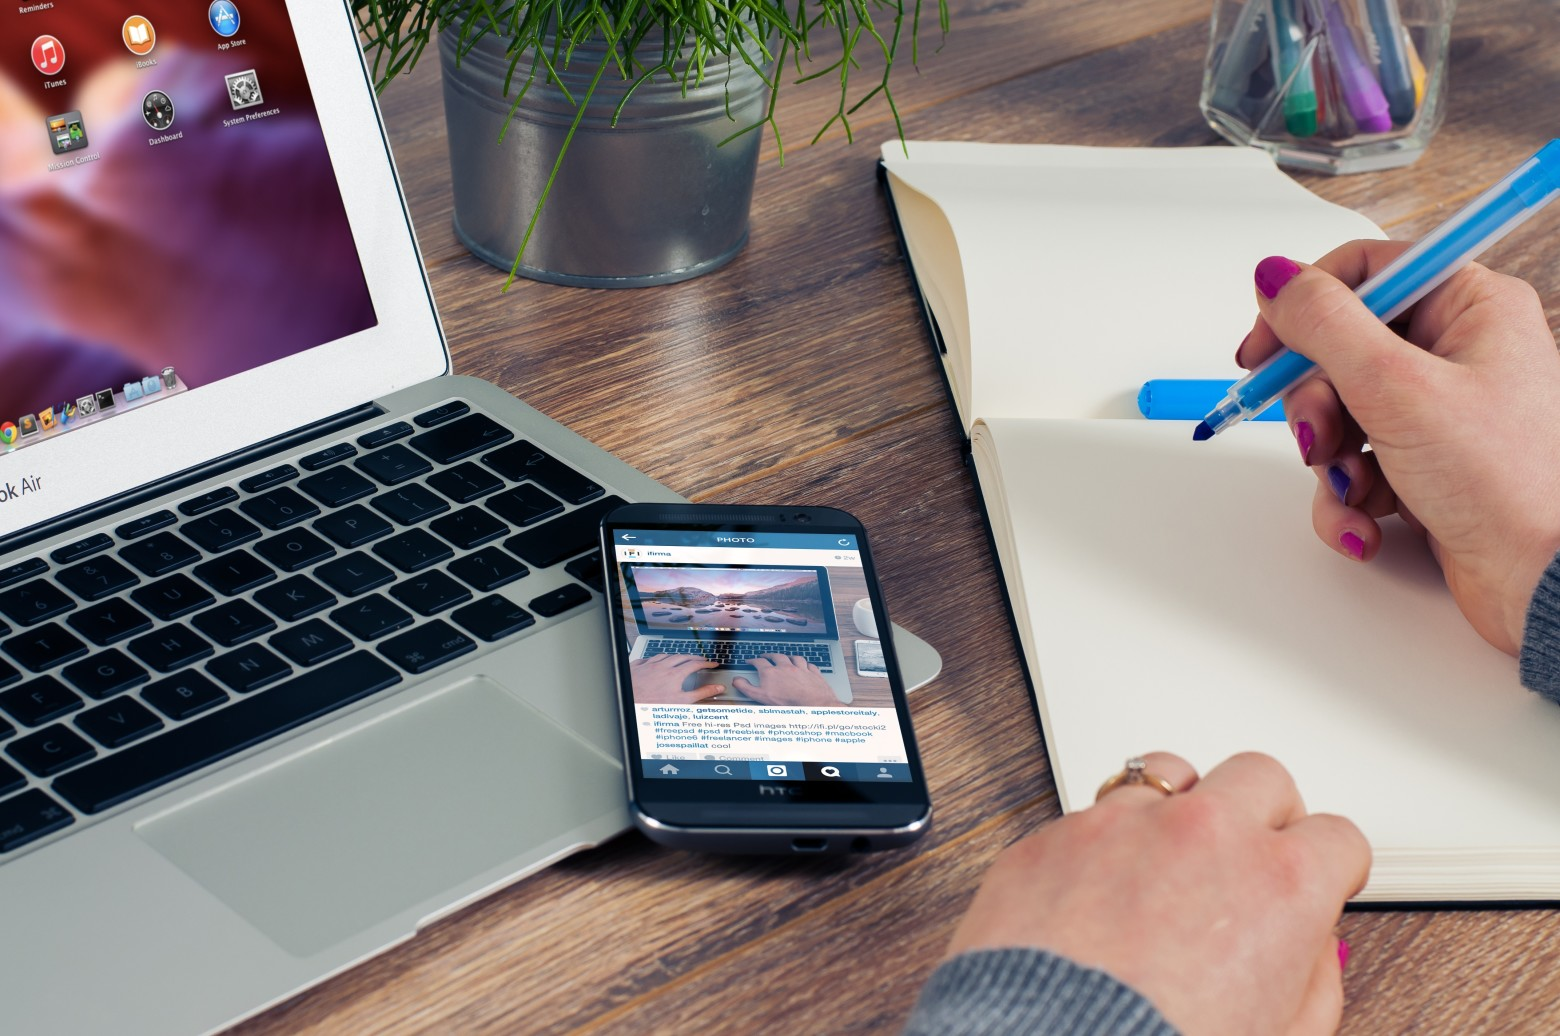 Bureau de travail informatique affaire business images gratuites